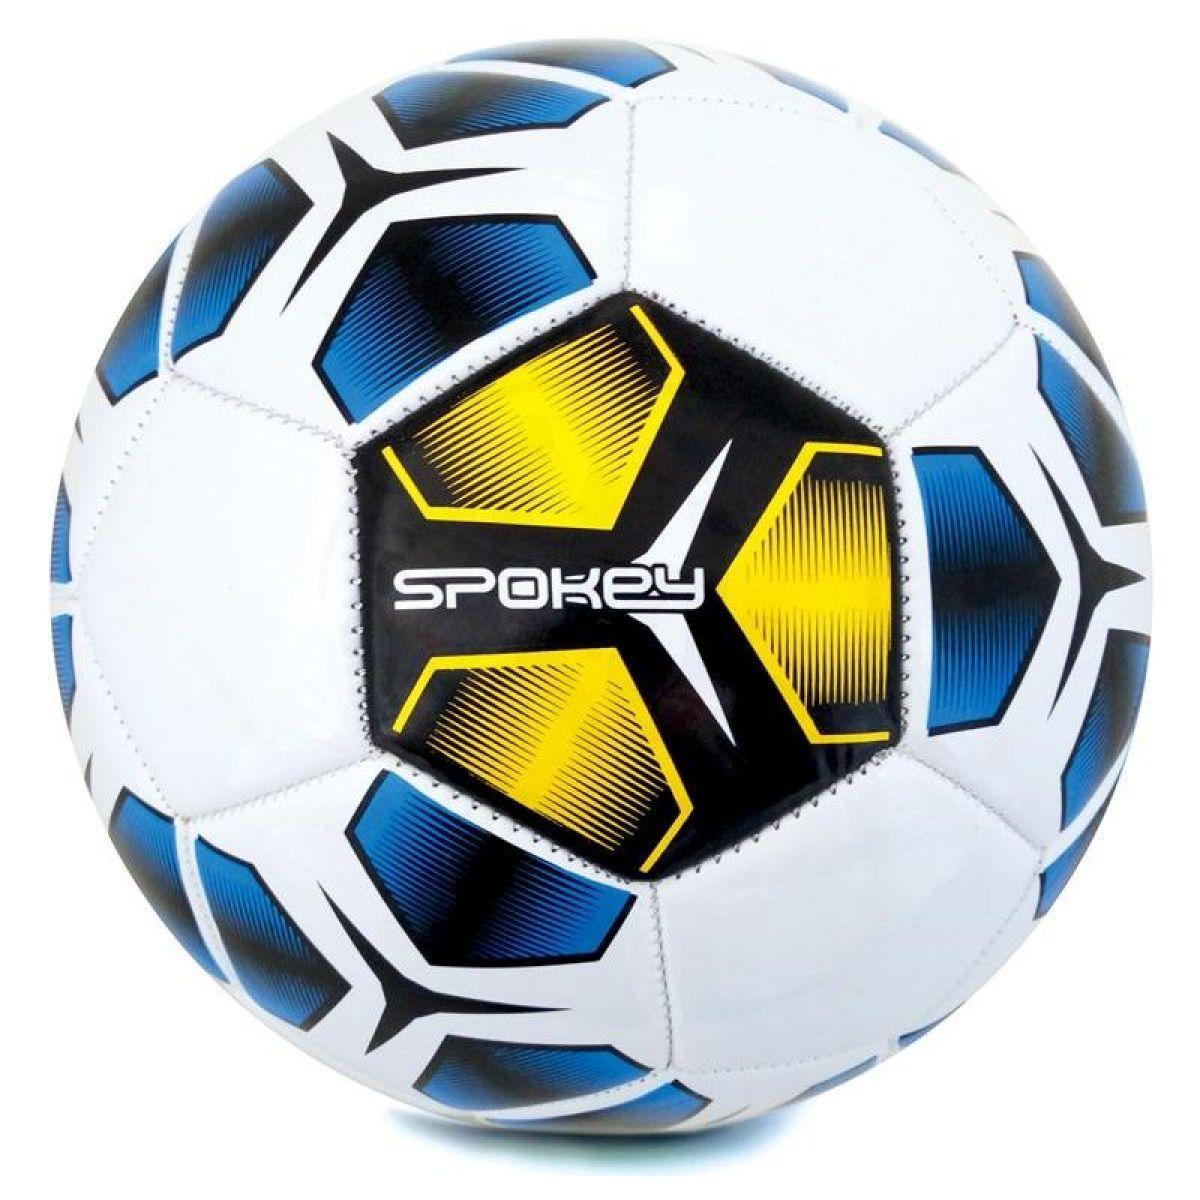 Spokey Haste fotbalový míč velikost 5 žlutomodrý